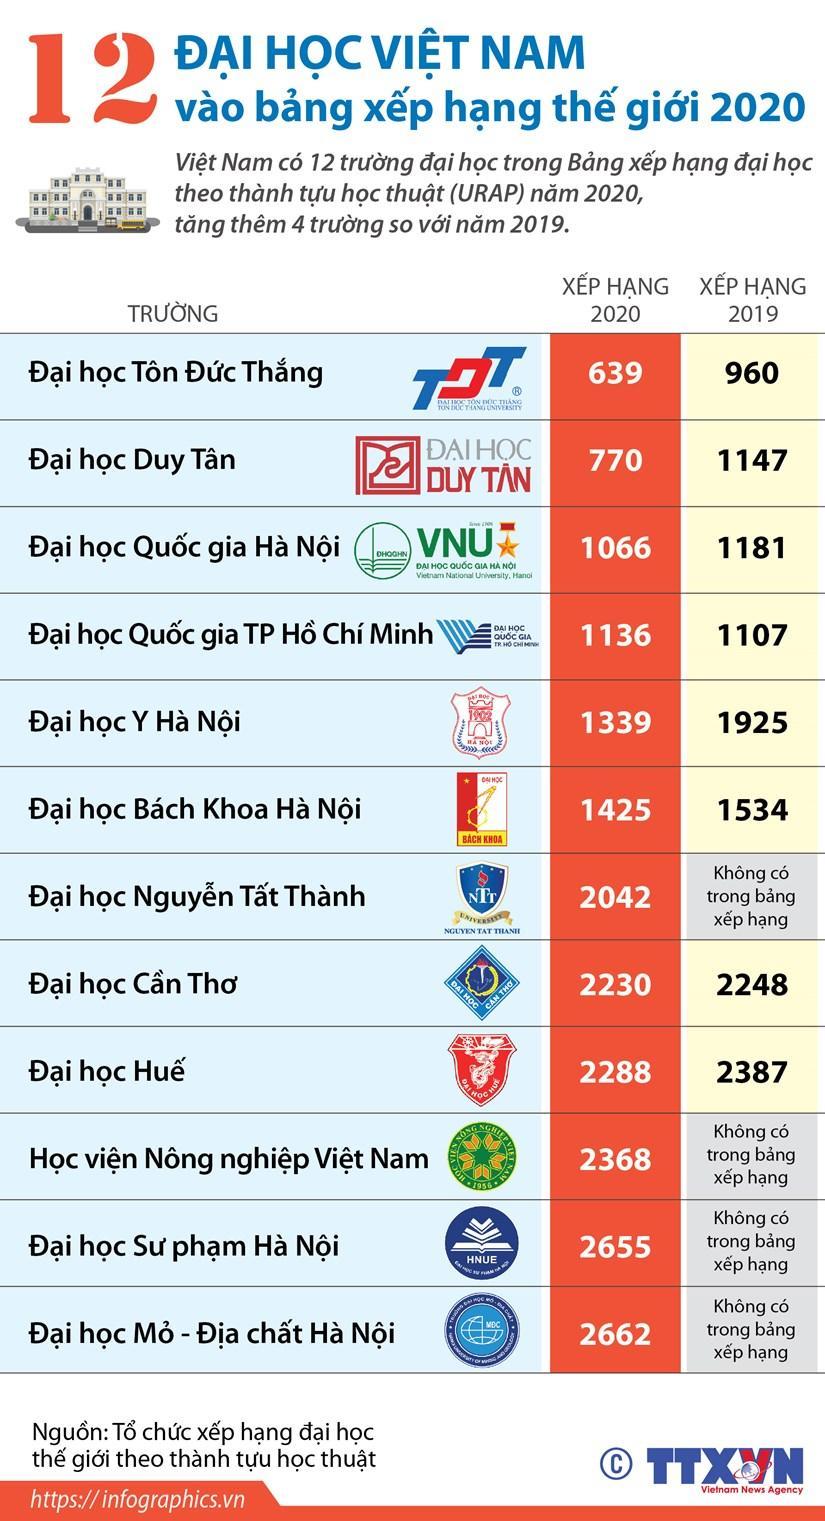 12 đại học Việt Nam vào bảng xếp hạng thế giới 2020 Ảnh 1